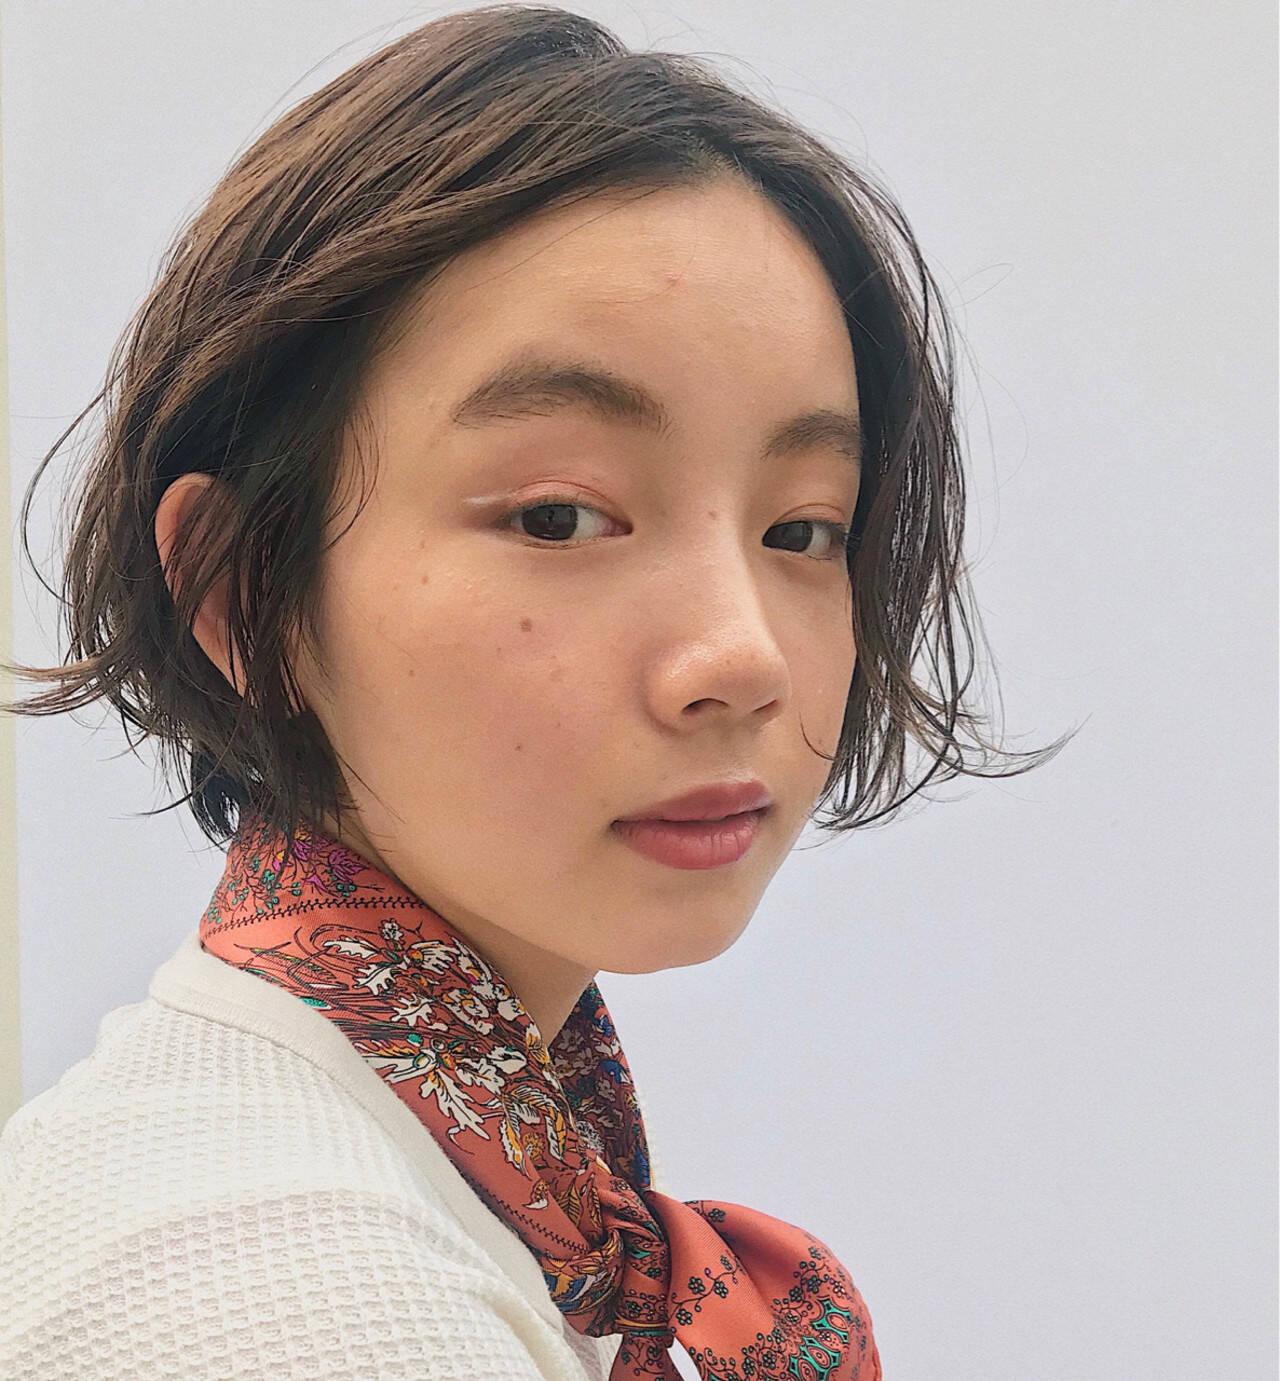 ナチュラル ショート フェミニン ヘアアレンジヘアスタイルや髪型の写真・画像